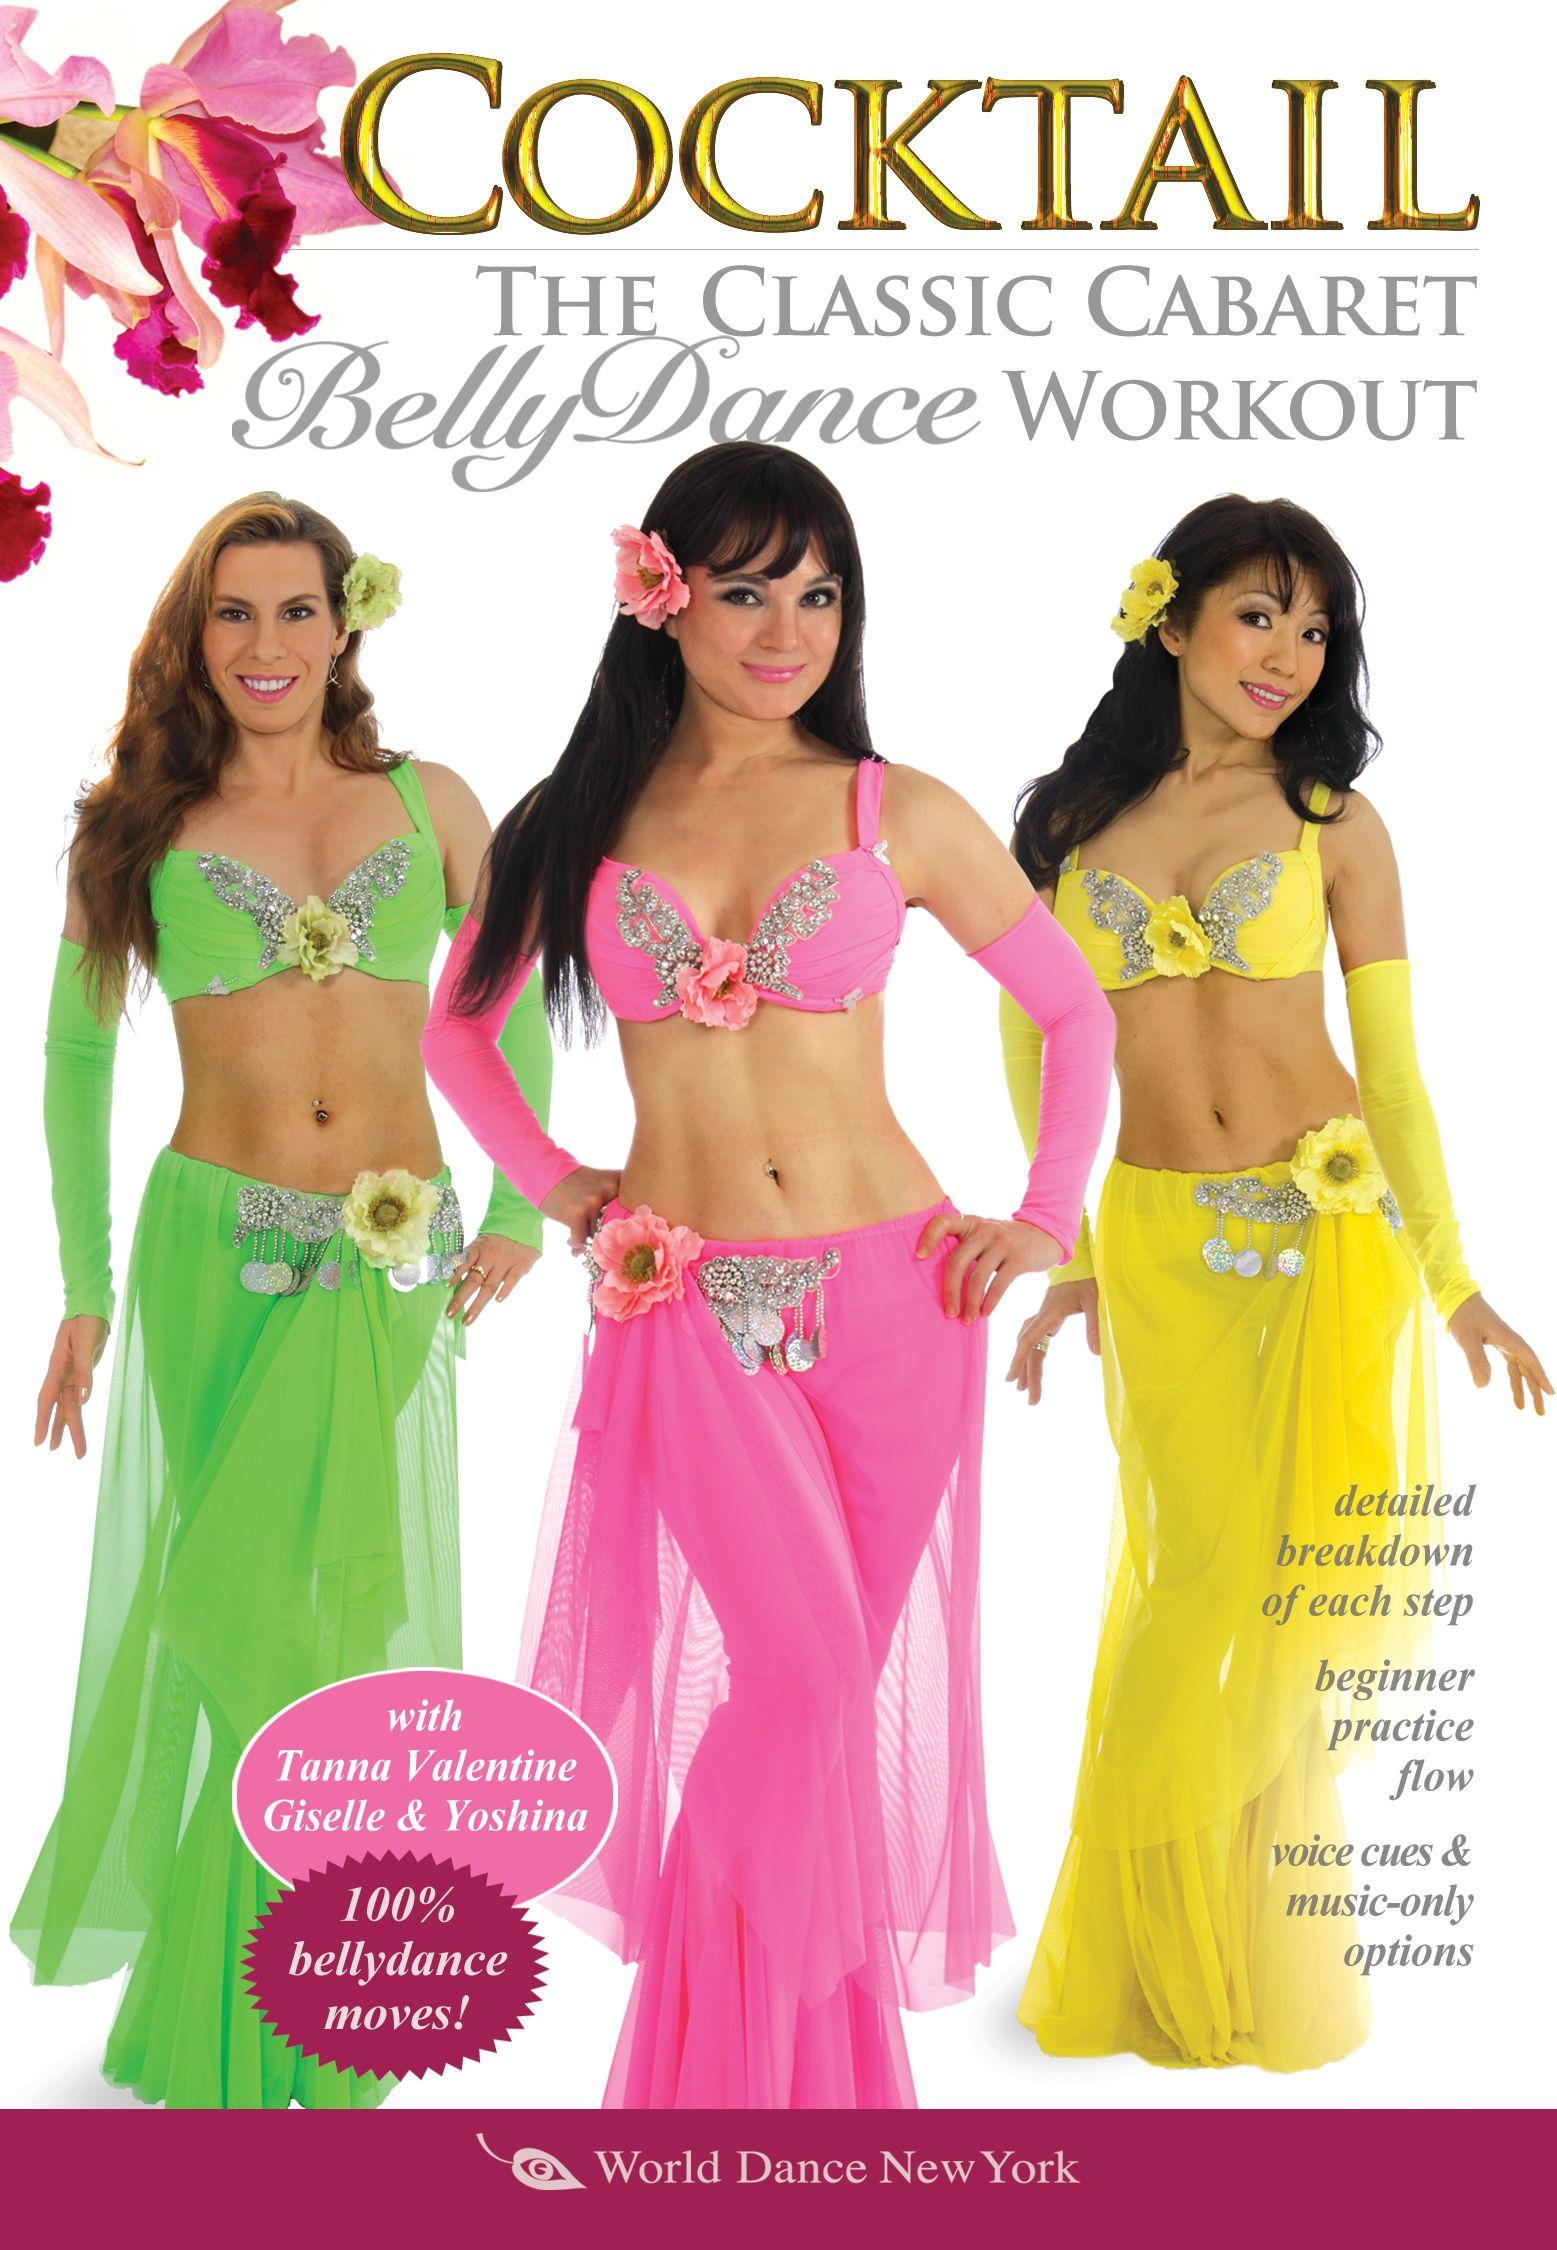 Pin de World Dance New York en Belly Dance instruction & workout ...